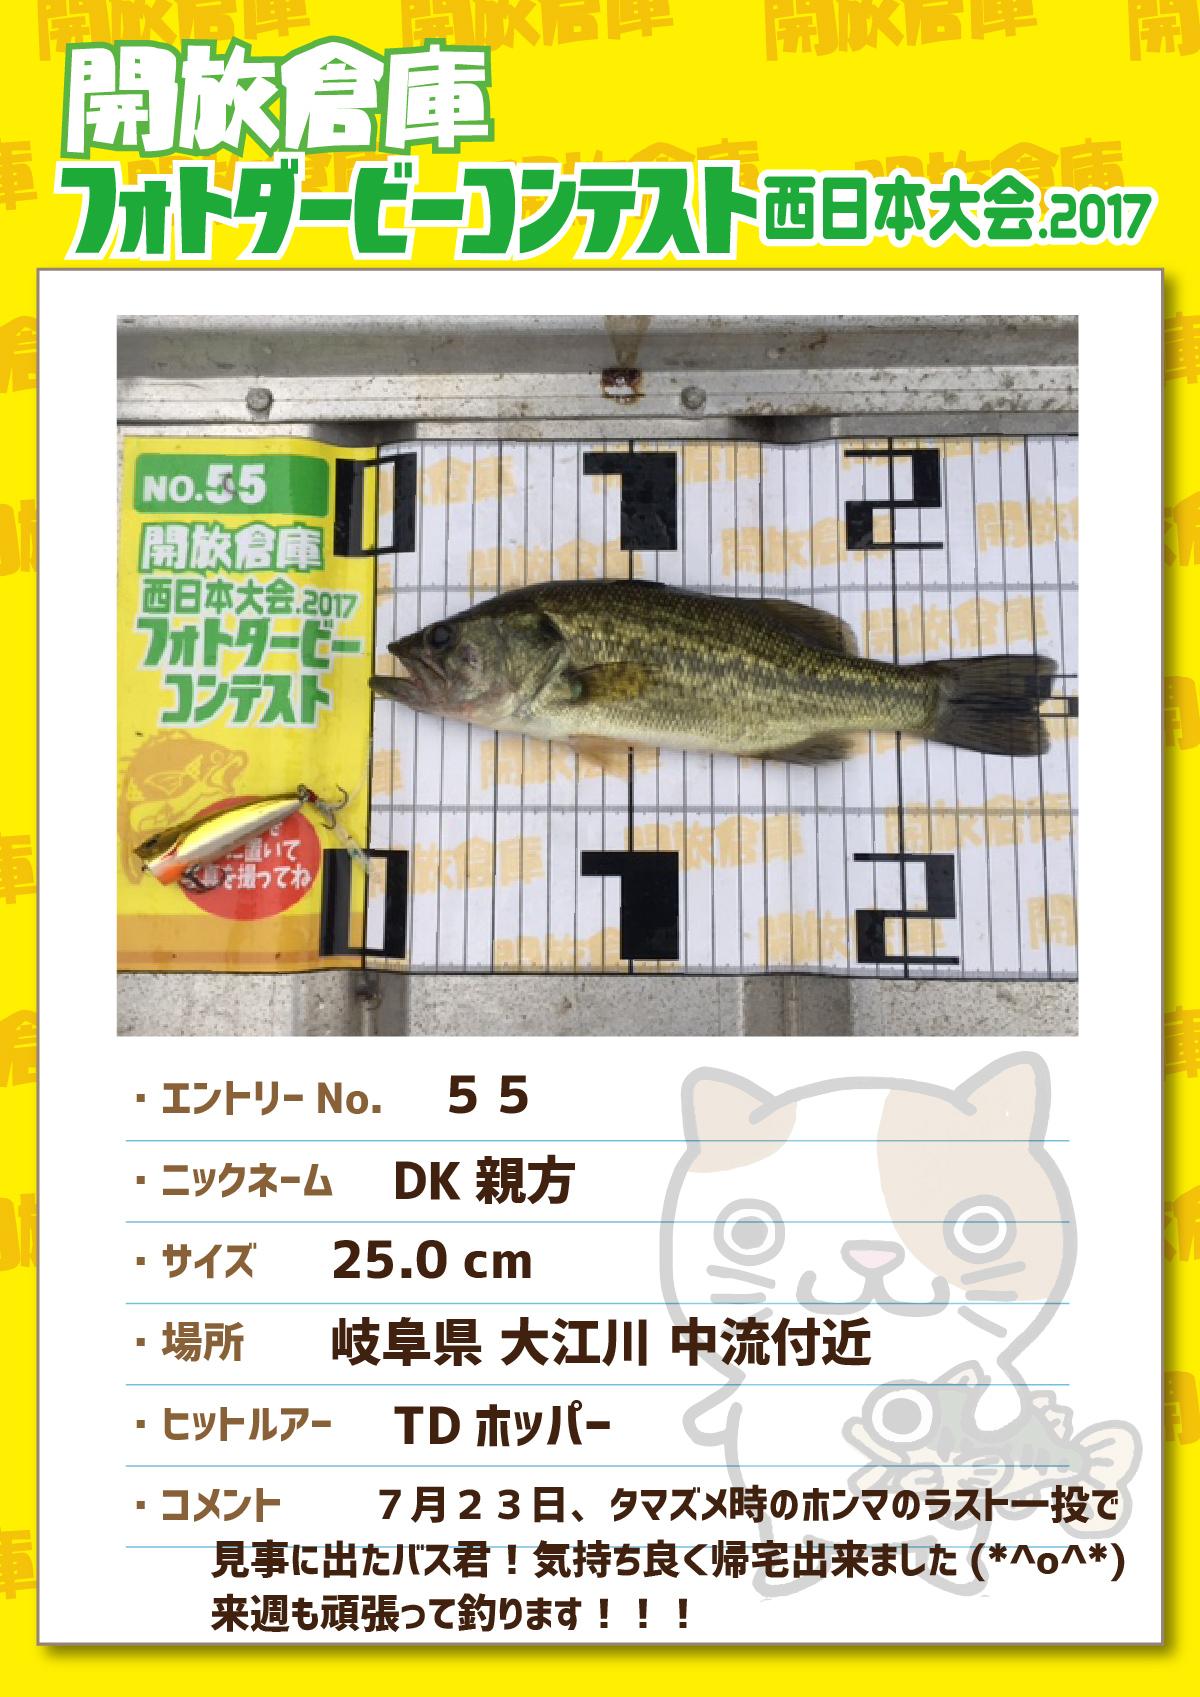 No.055 DK親方 25.0cm 岐阜県大江川中流付近 TDホッパー 7月23日、タマズメ時のホンマのラスト一投で見事に出たバス君!気持ちよく帰宅でしました!来週も頑張って釣ります!!